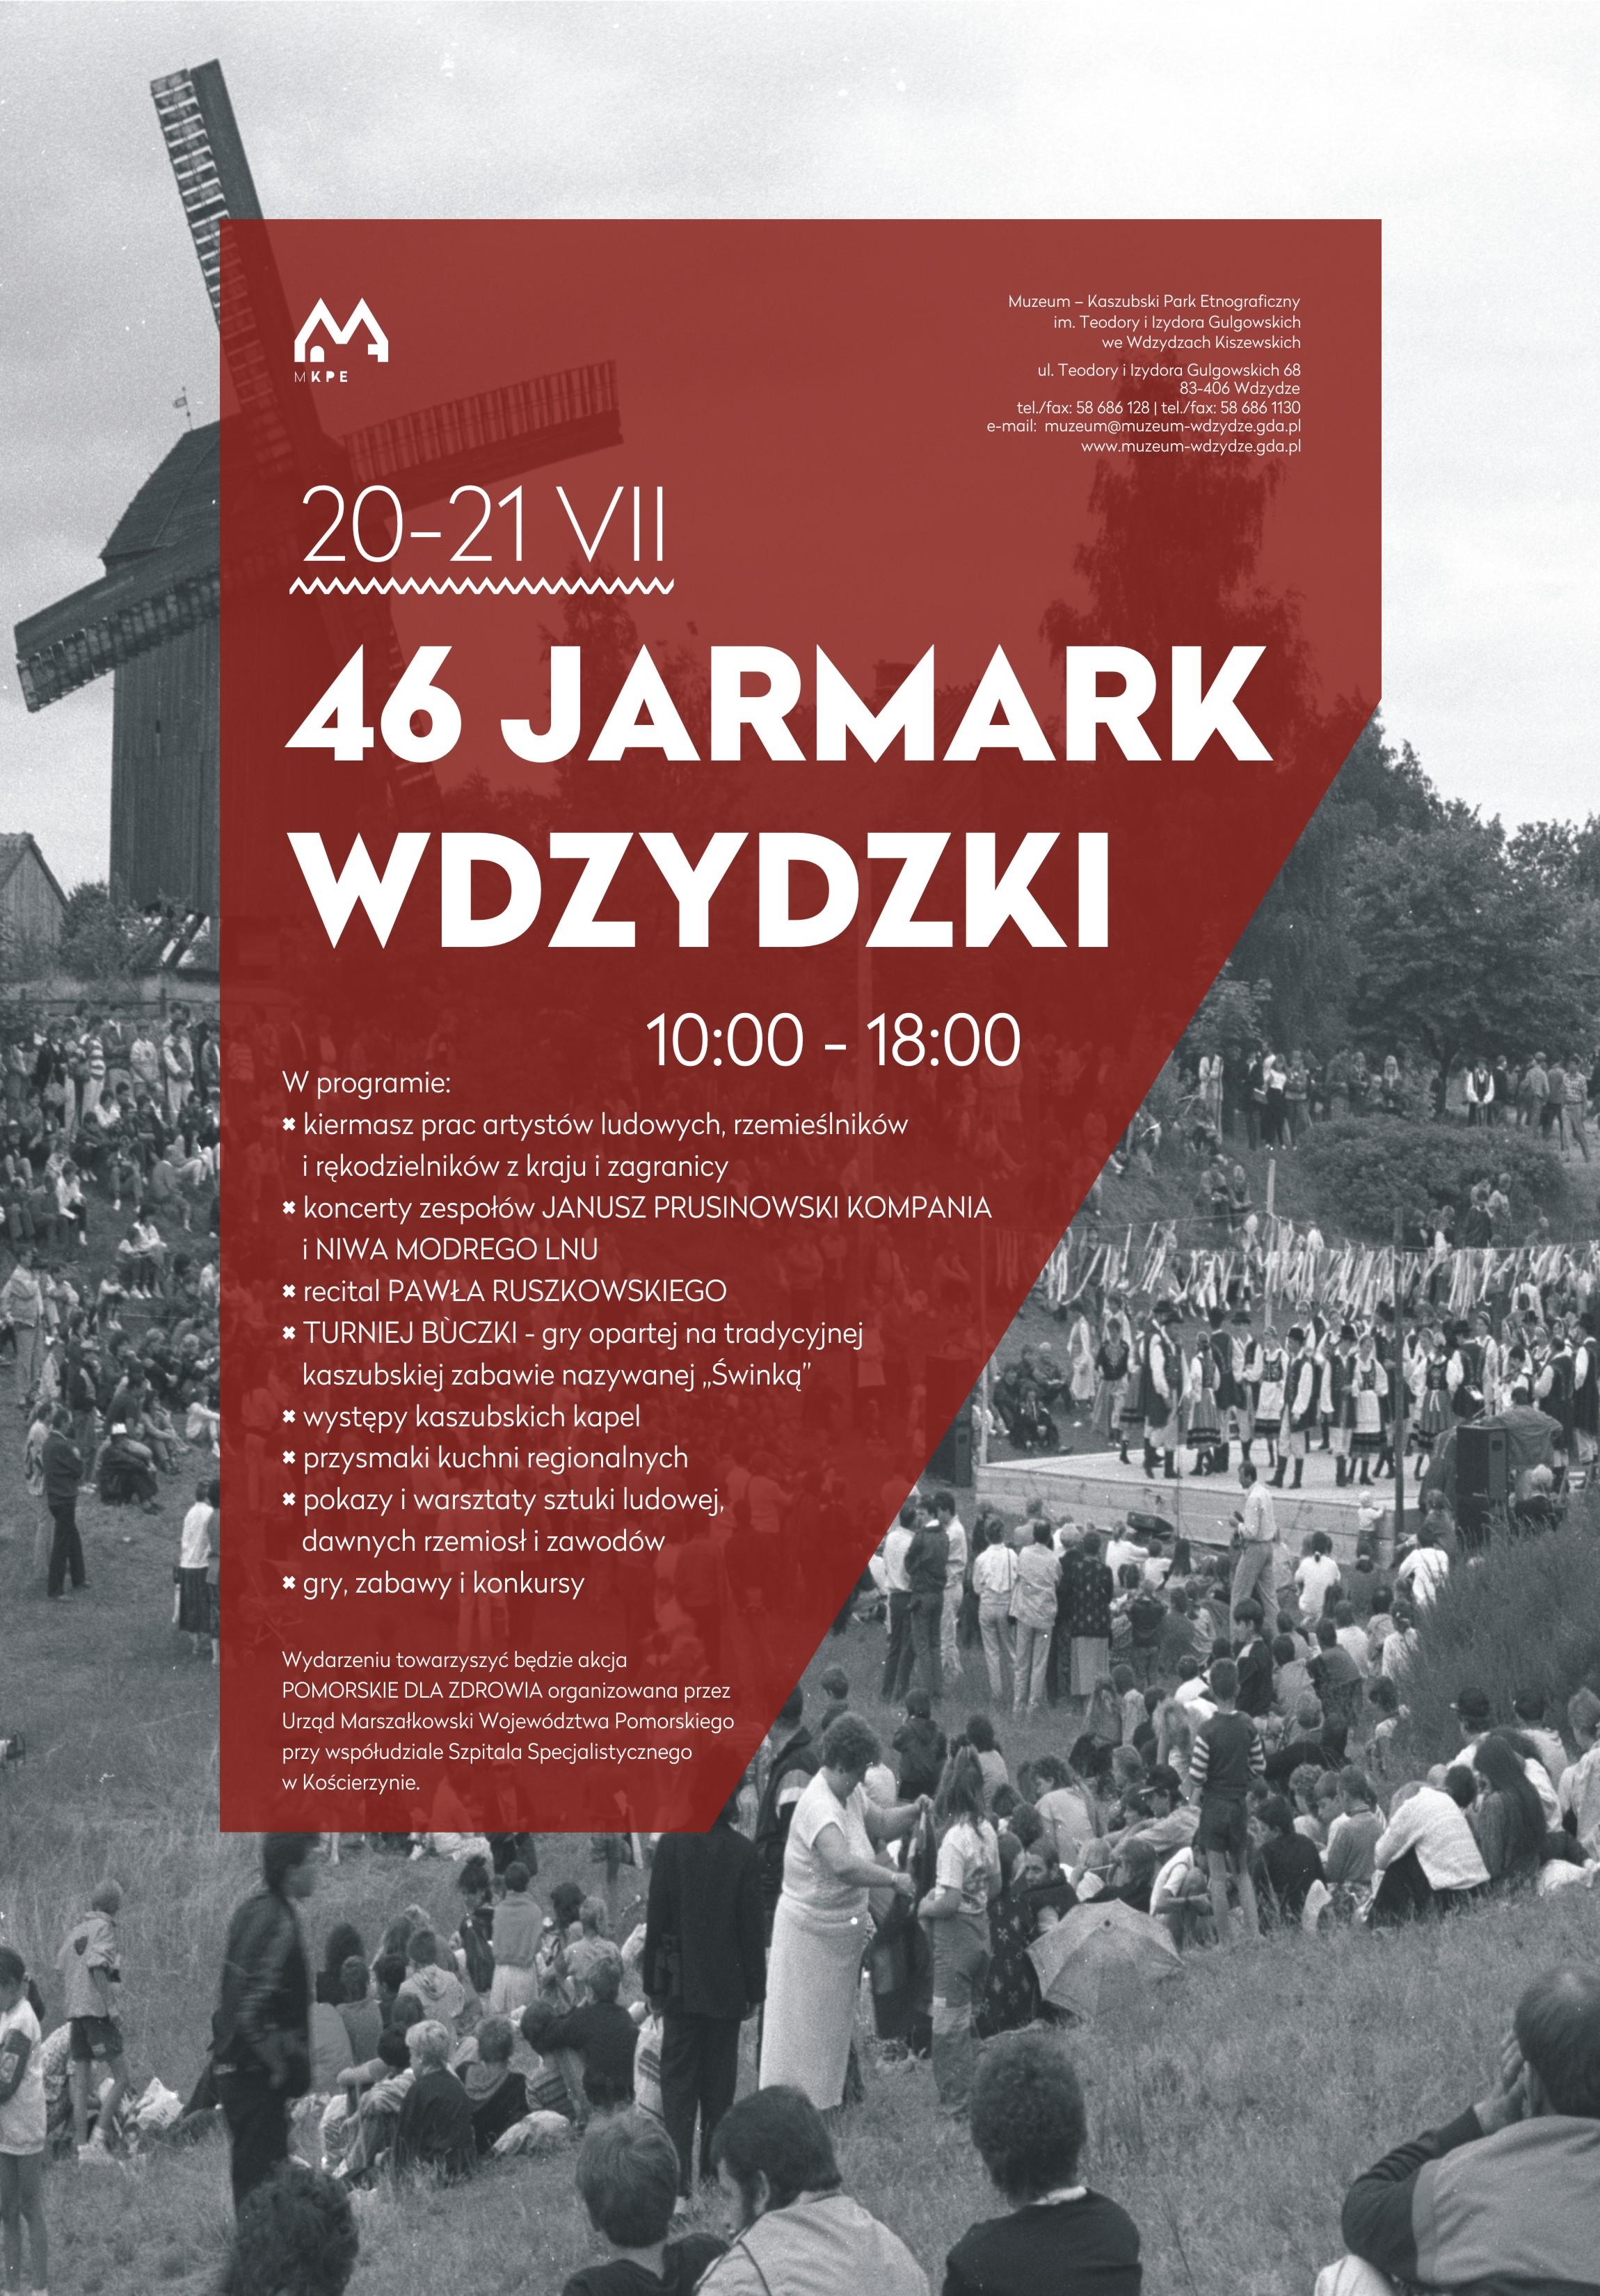 http://www.muzeum-wdzydze.gda.pl/images/Aktual/46JW_b.jpg